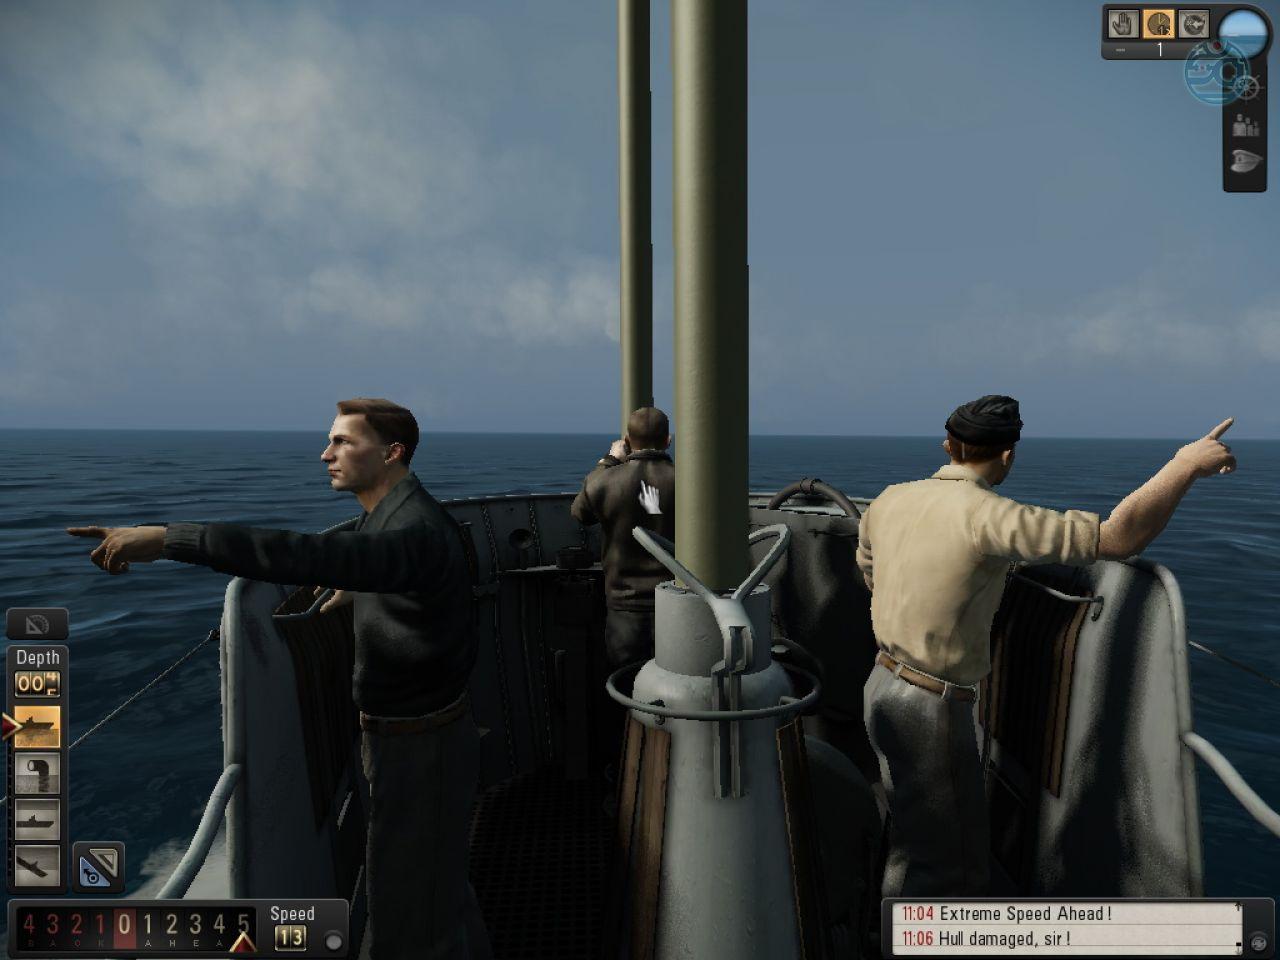 Скачать бесплатно игру Silent Hunter 5 Battle of the Atlantic (Тихий